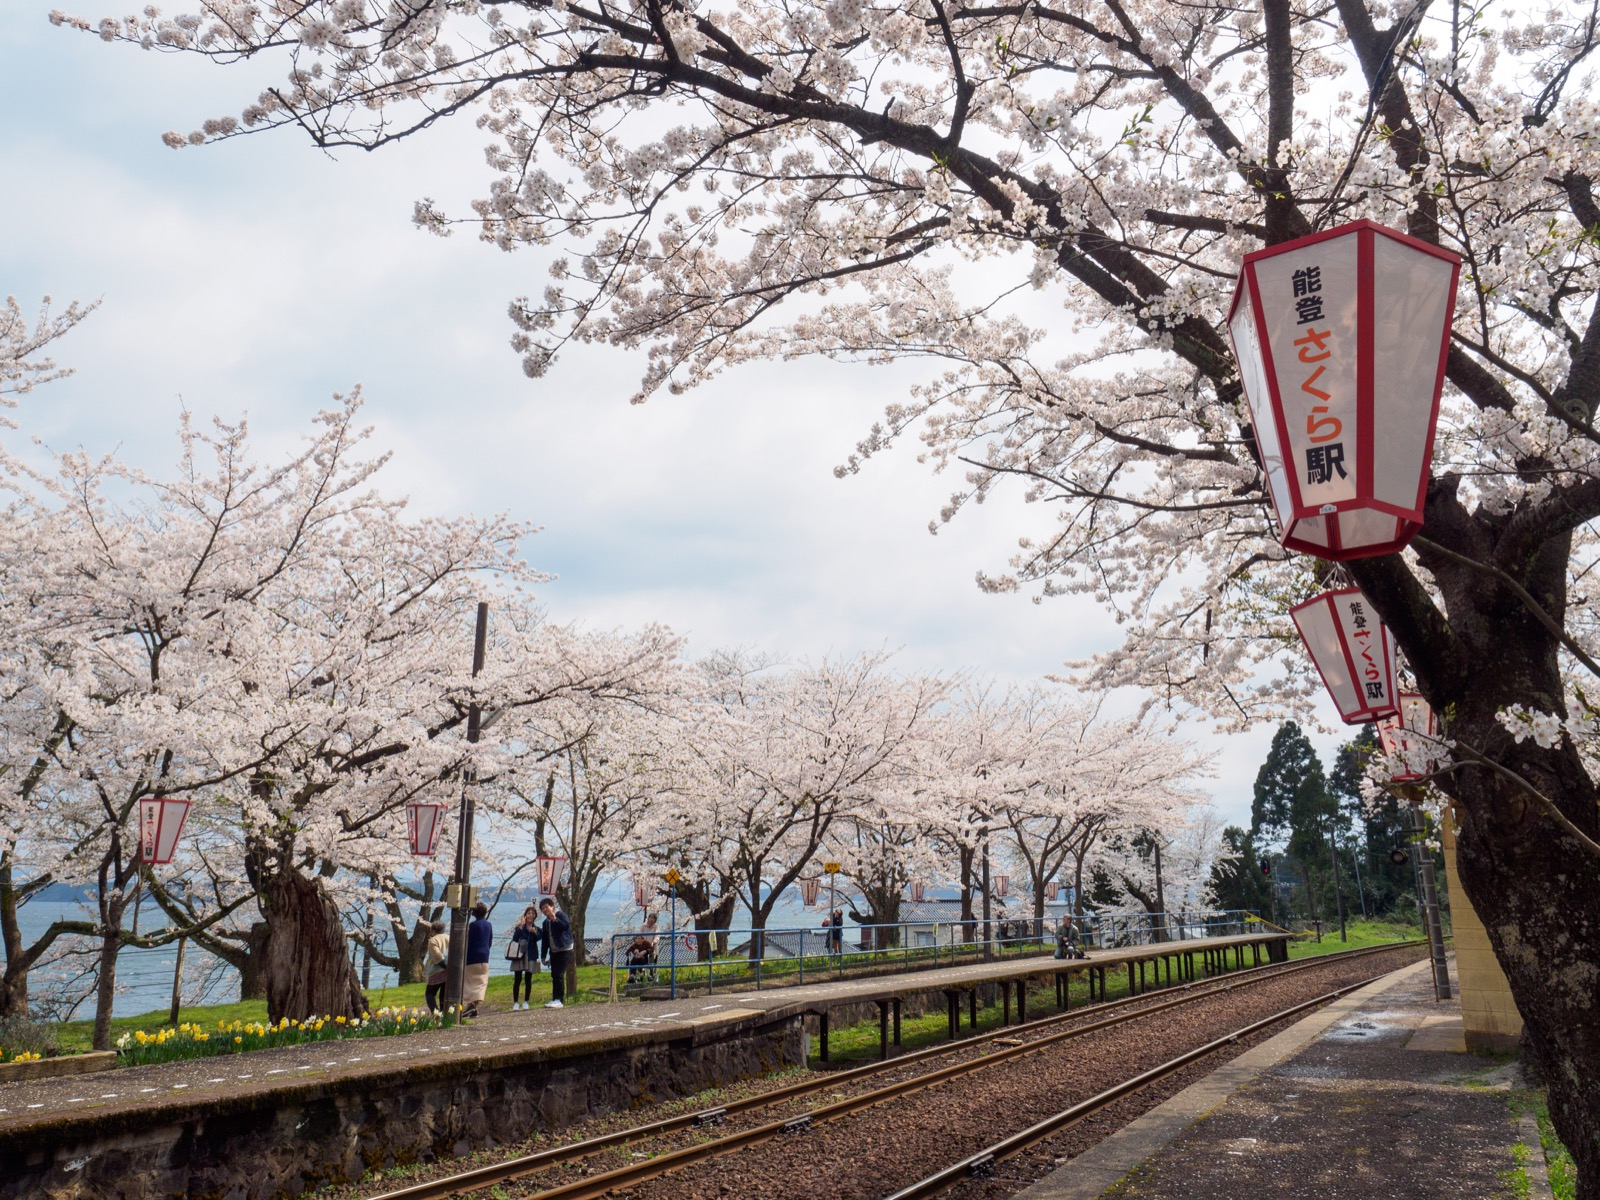 満開の桜が出迎える、能登鹿島駅(能登さくら駅)のホーム